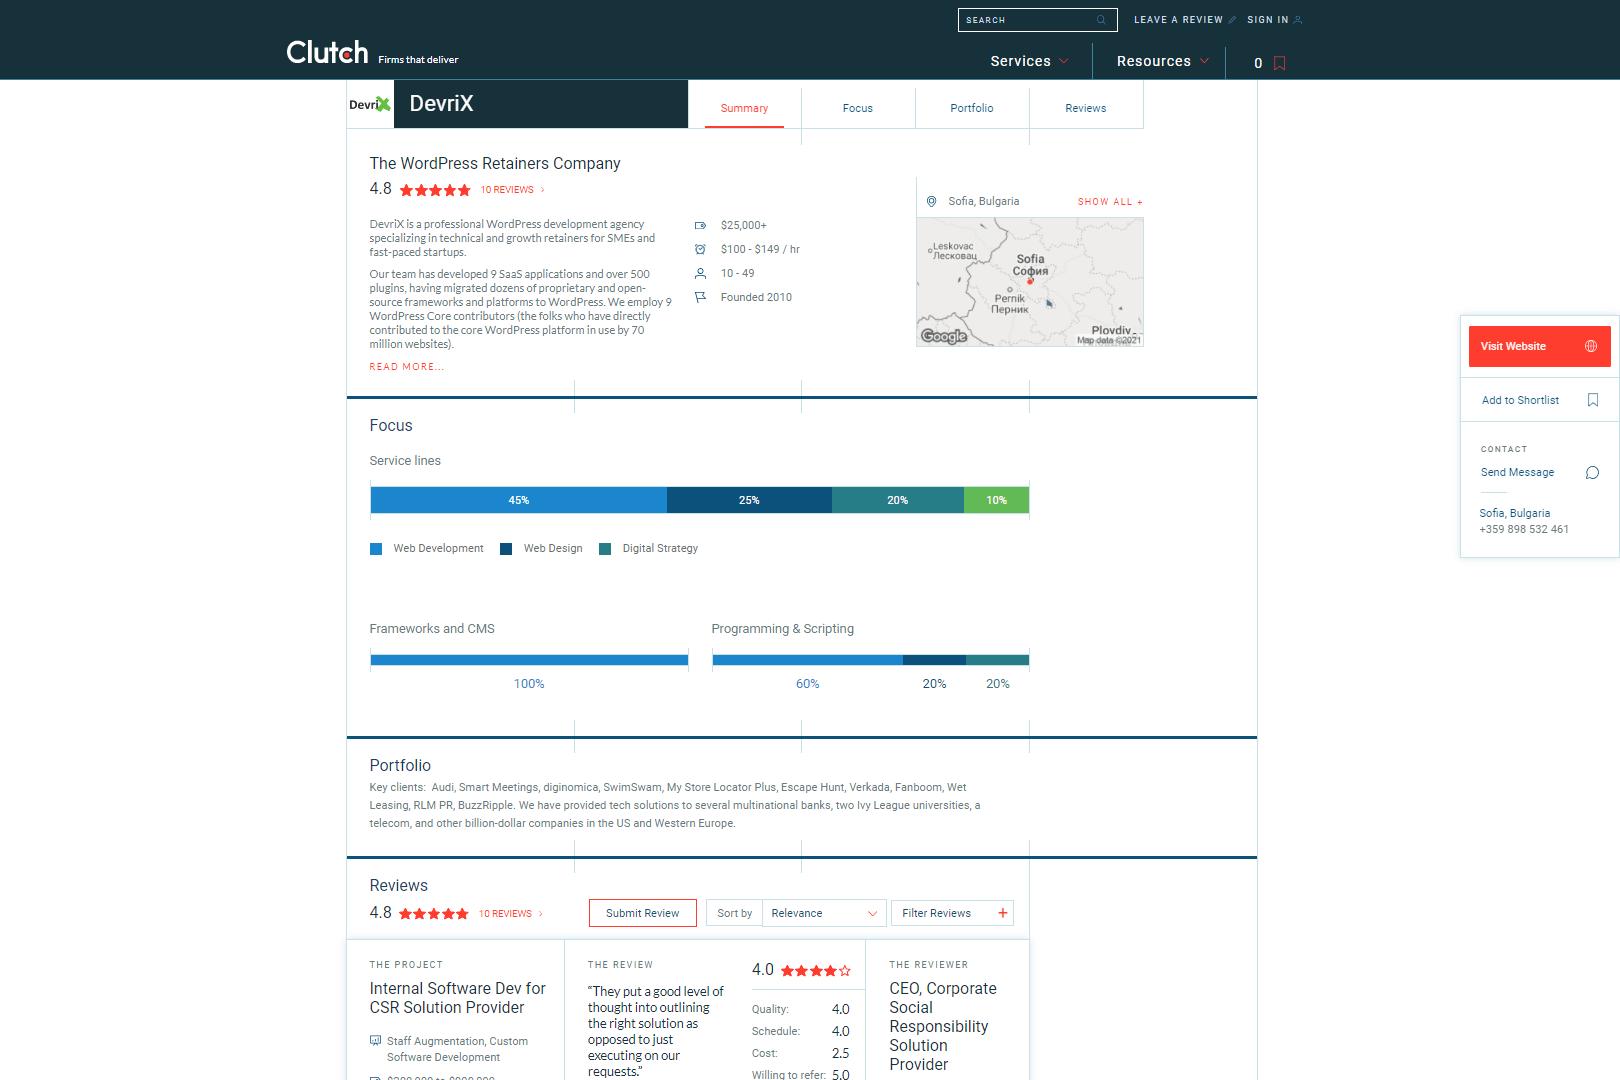 Clutch DevriX profile 2021